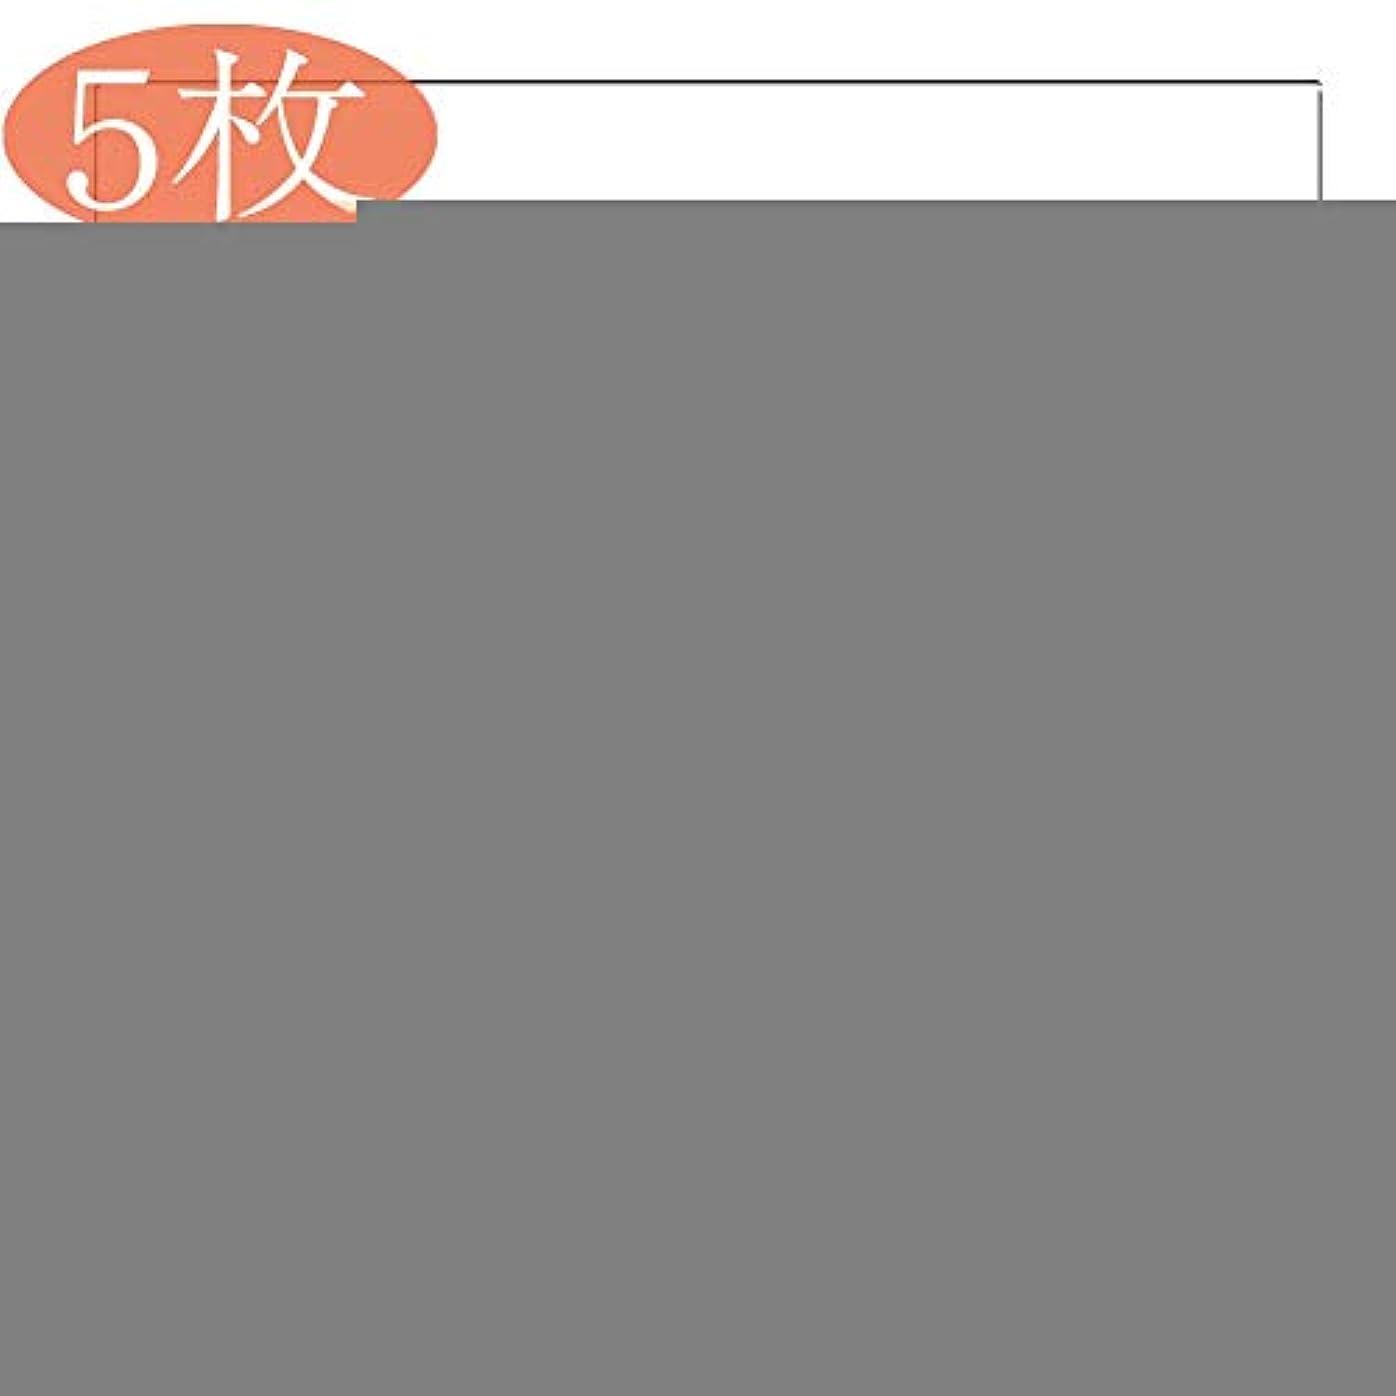 適応的代替ホバート【5枚】 Sukix 自己修復 DELL XPS 13 2-in-1 (9365) 13 インチ 日本製素材 4H フィルム 保護フィルム 気泡無し 0.15mm 液晶保護 フィルム プロテクター 保護 フィルム(*非 ガラスフィルム 強化ガラス ガラス )